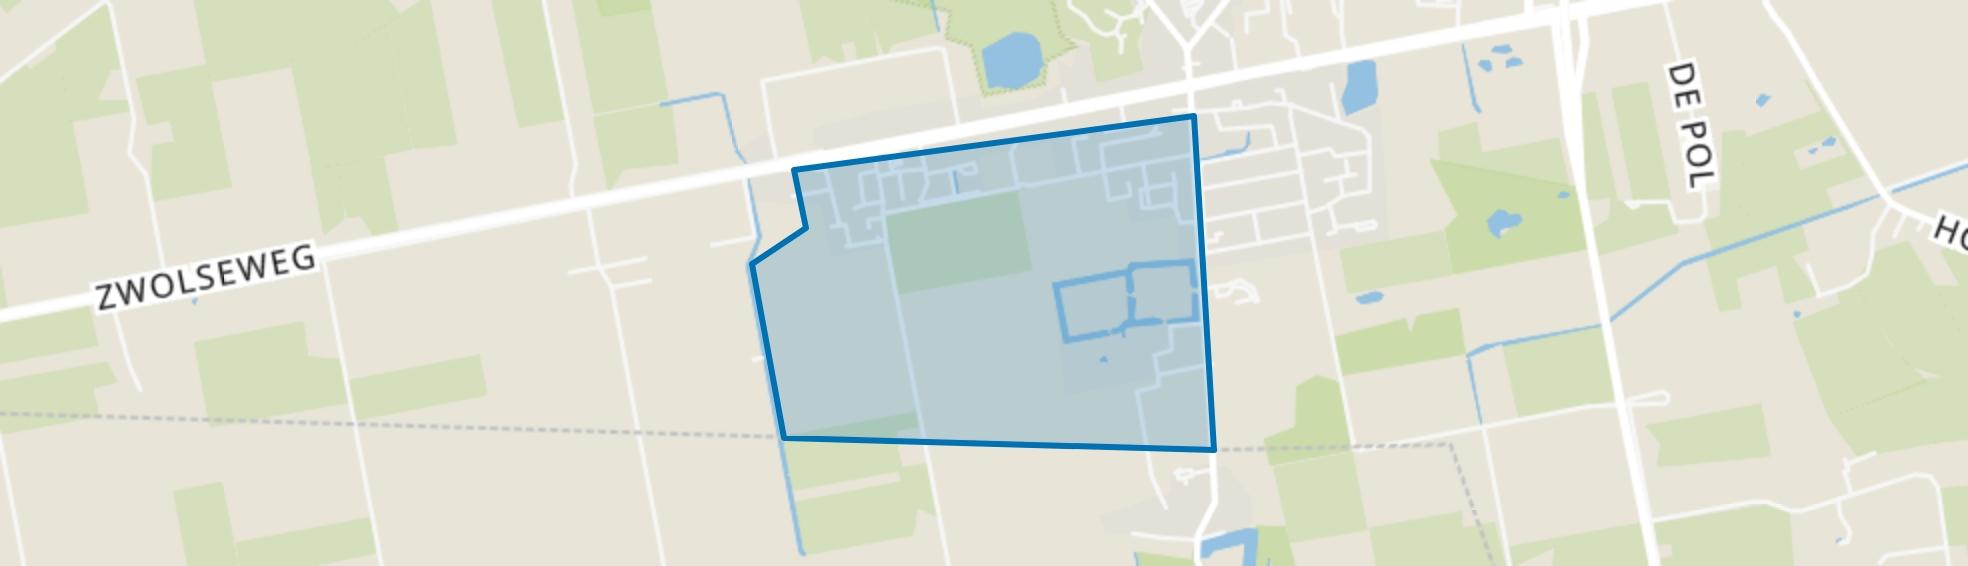 Balkbrug-Zuidwest, Balkbrug map